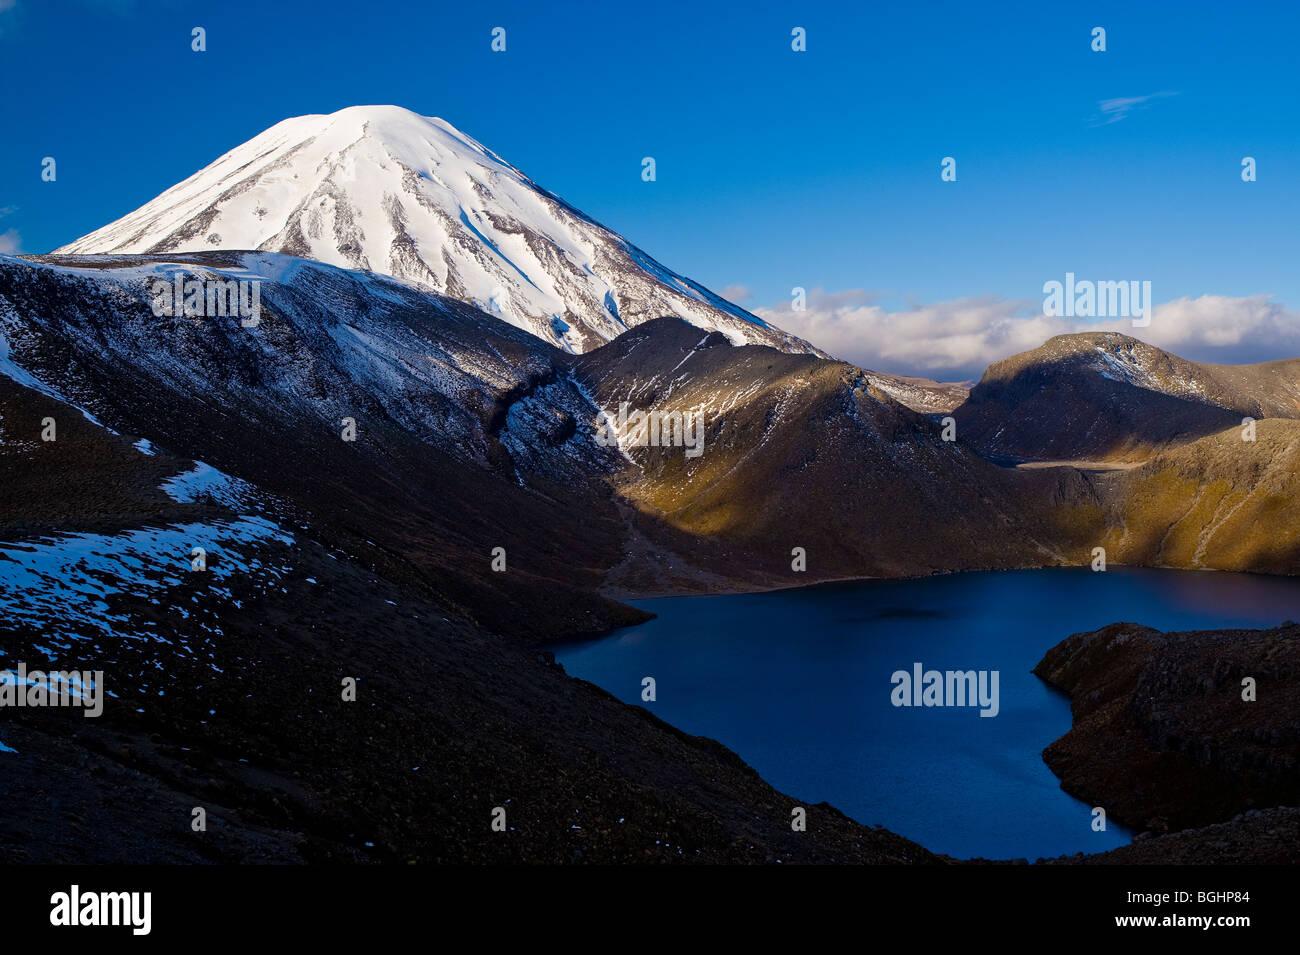 Mount Ngauruhoe & Upper Tama Lake, Tongariro National Park, North Island, New Zealand - Stock Image